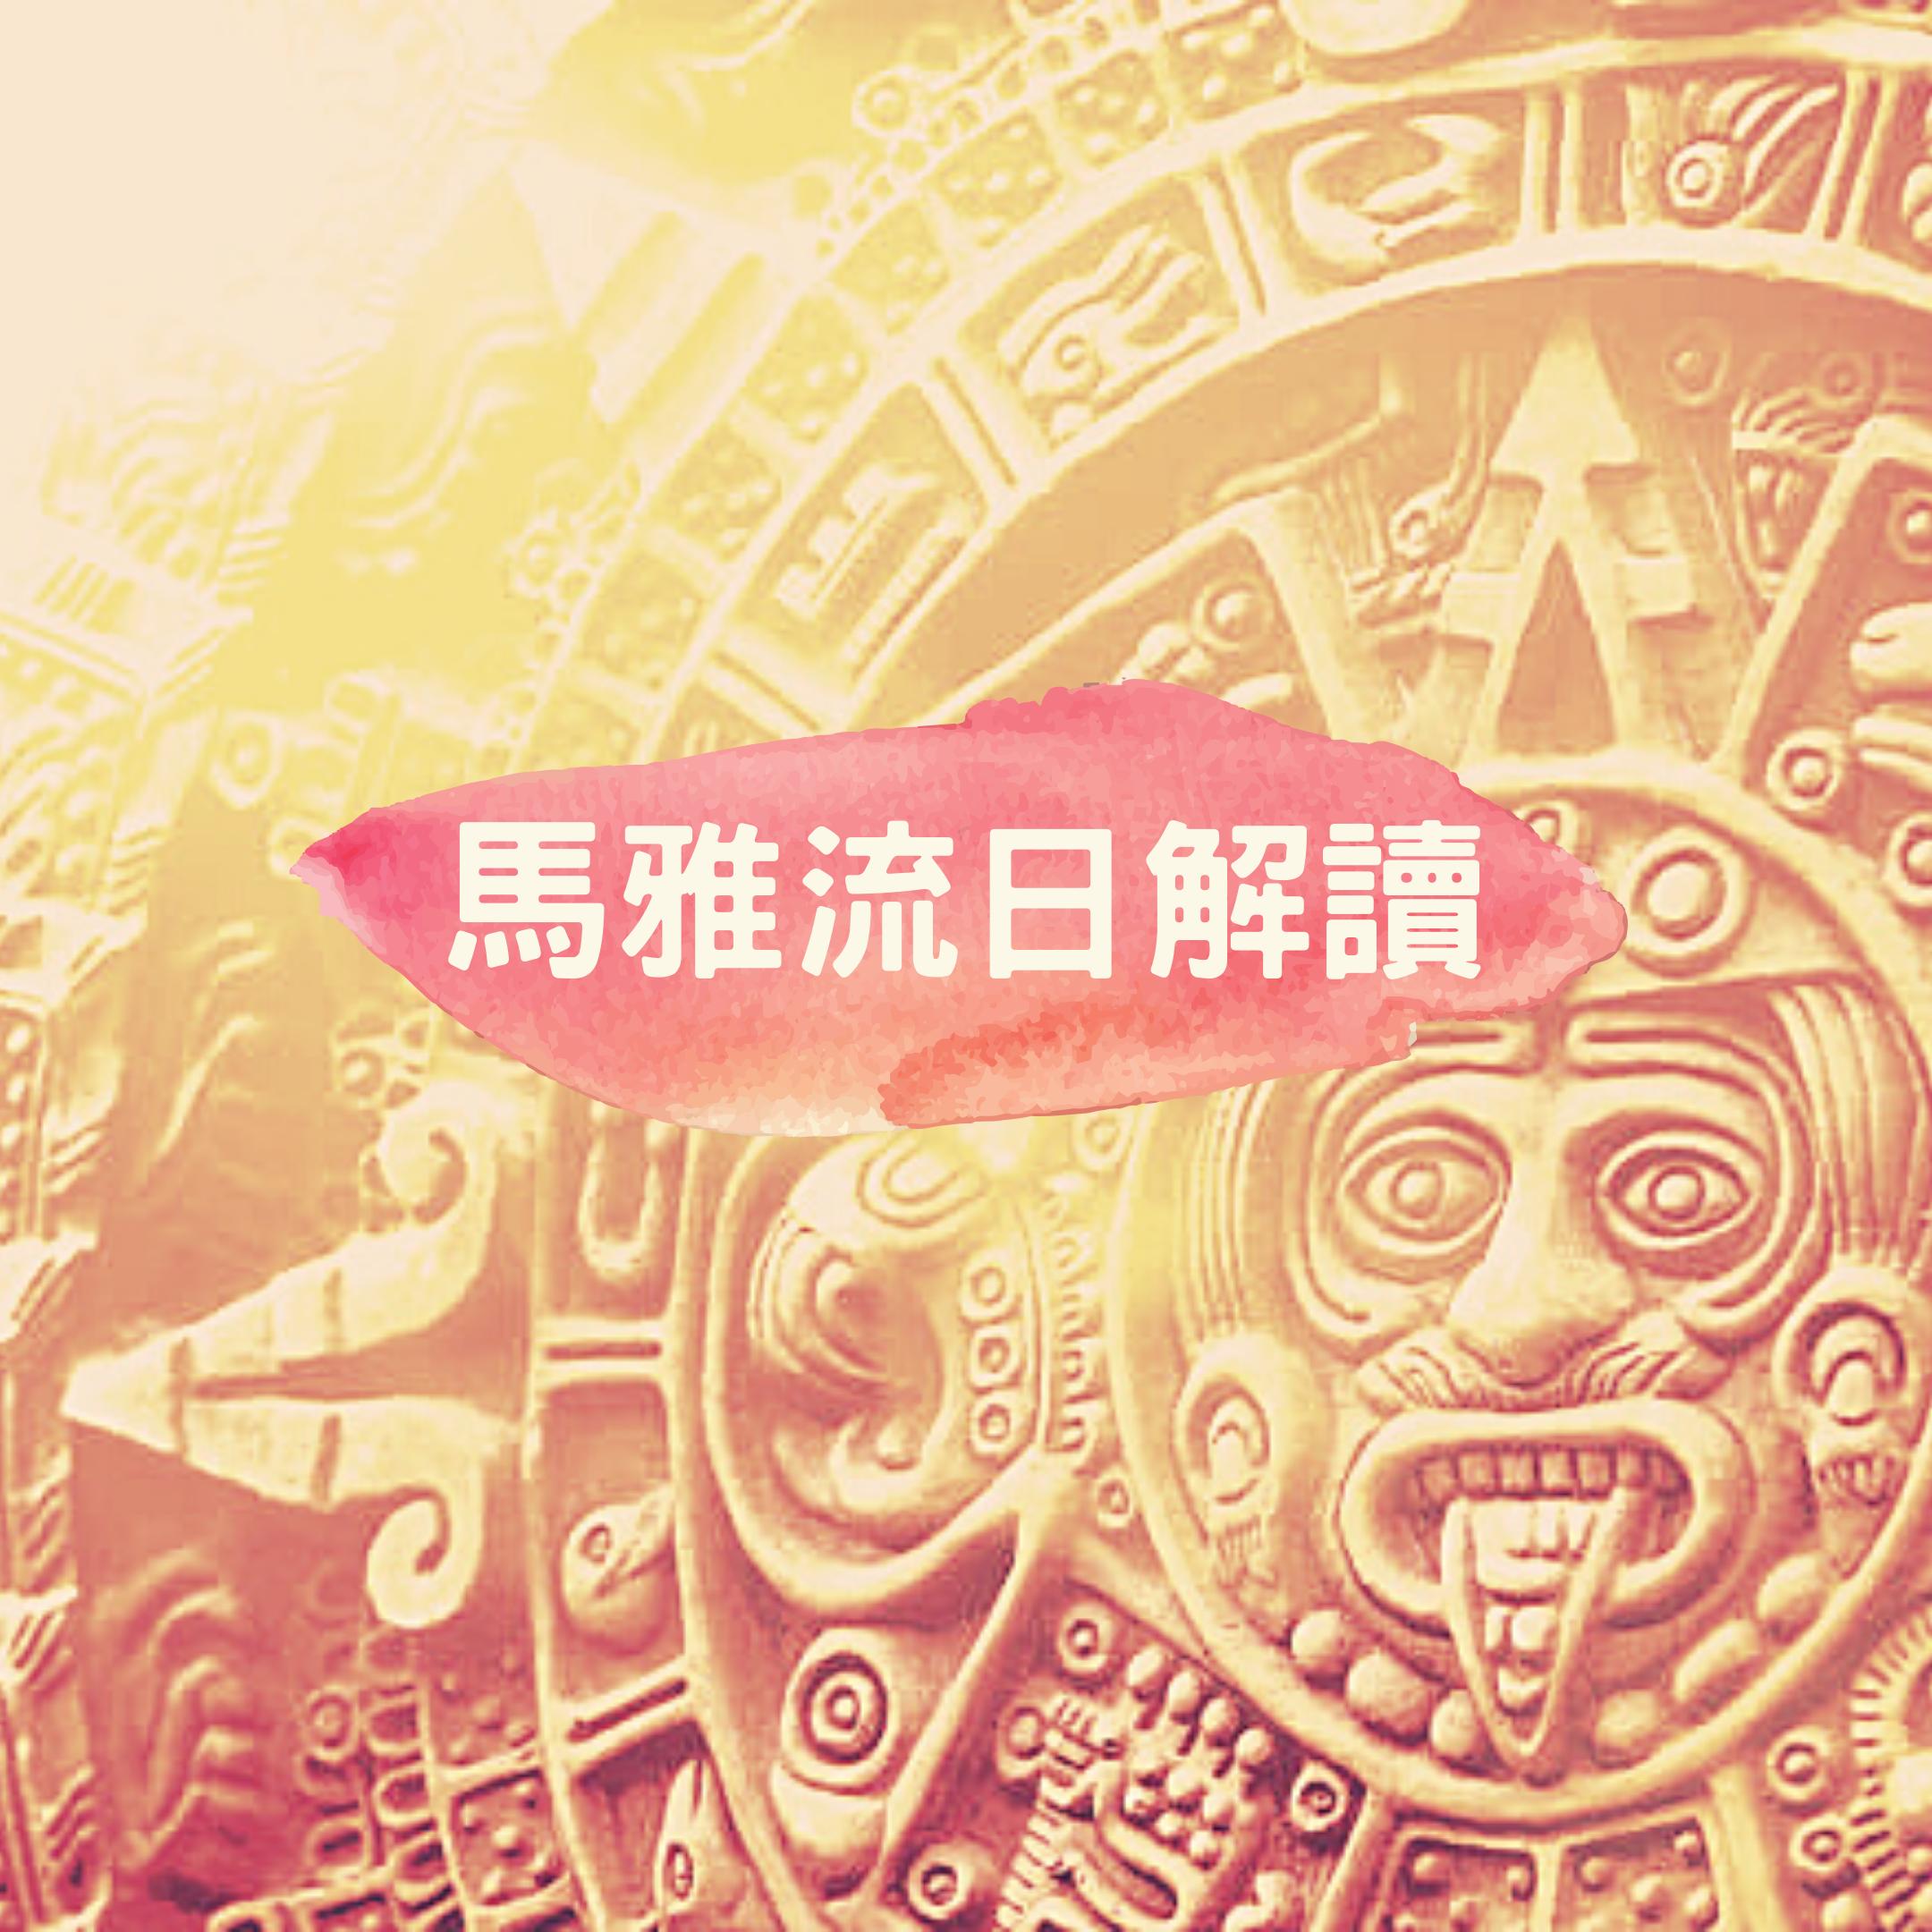 馬雅流日12.13|kin 259 水晶藍風暴